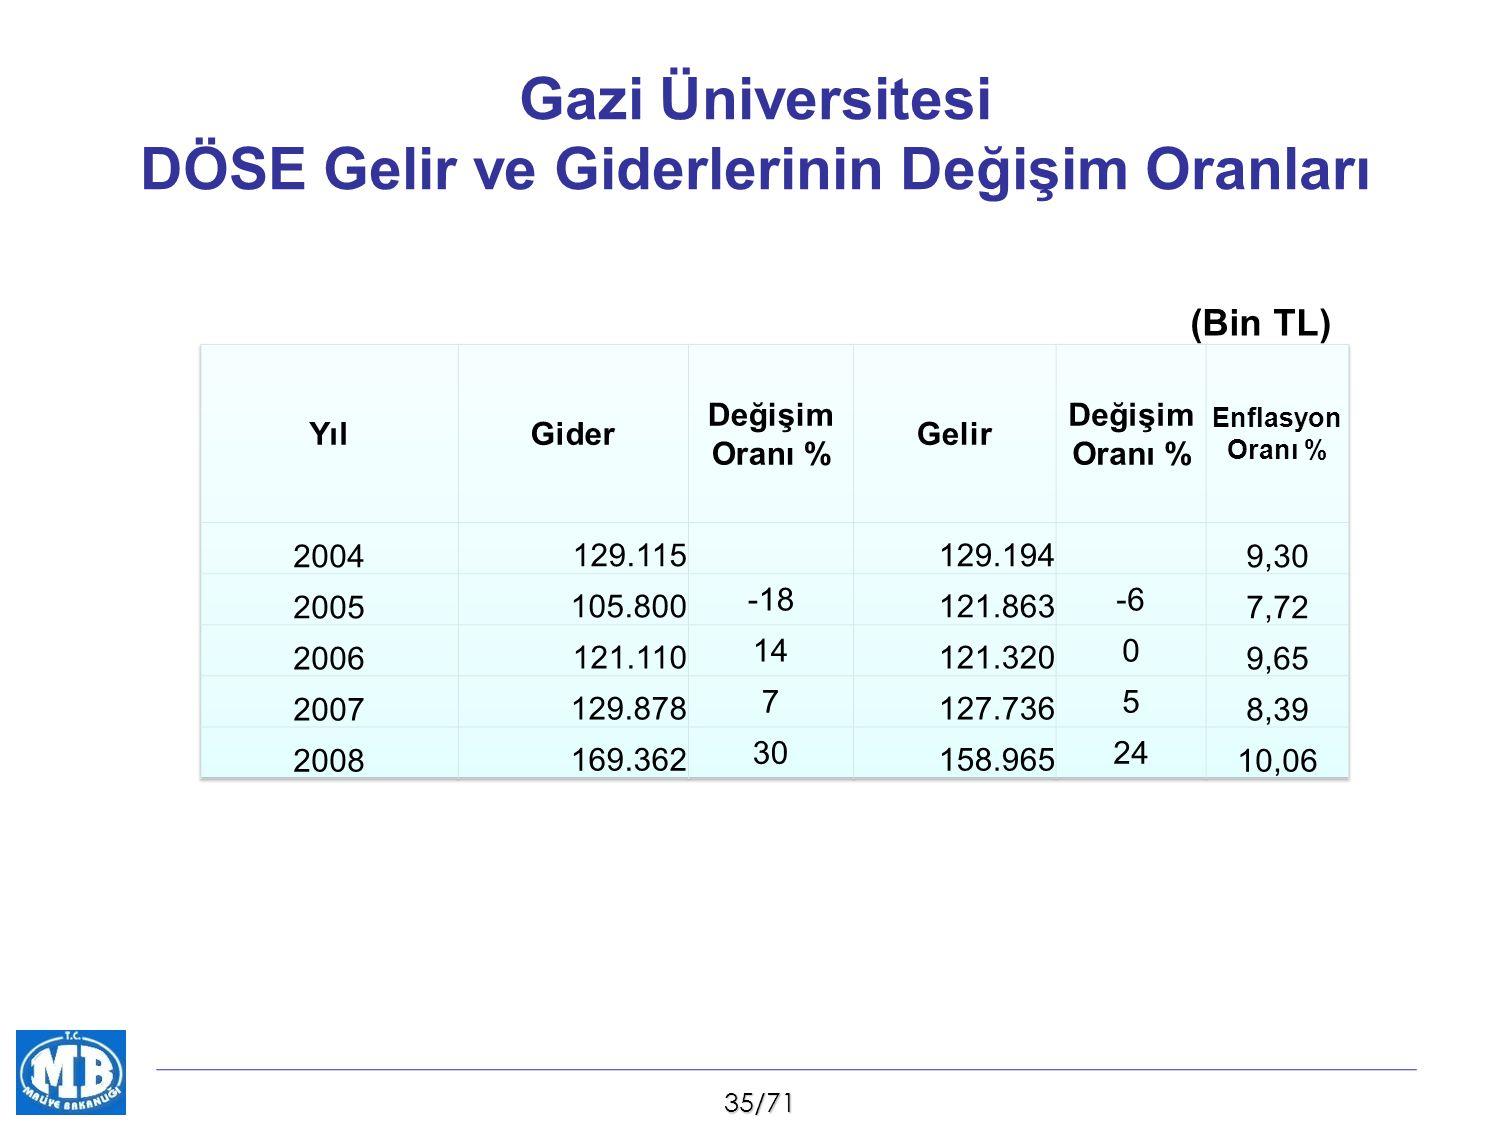 35/71 Gazi Üniversitesi DÖSE Gelir ve Giderlerinin Değişim Oranları (Bin TL)